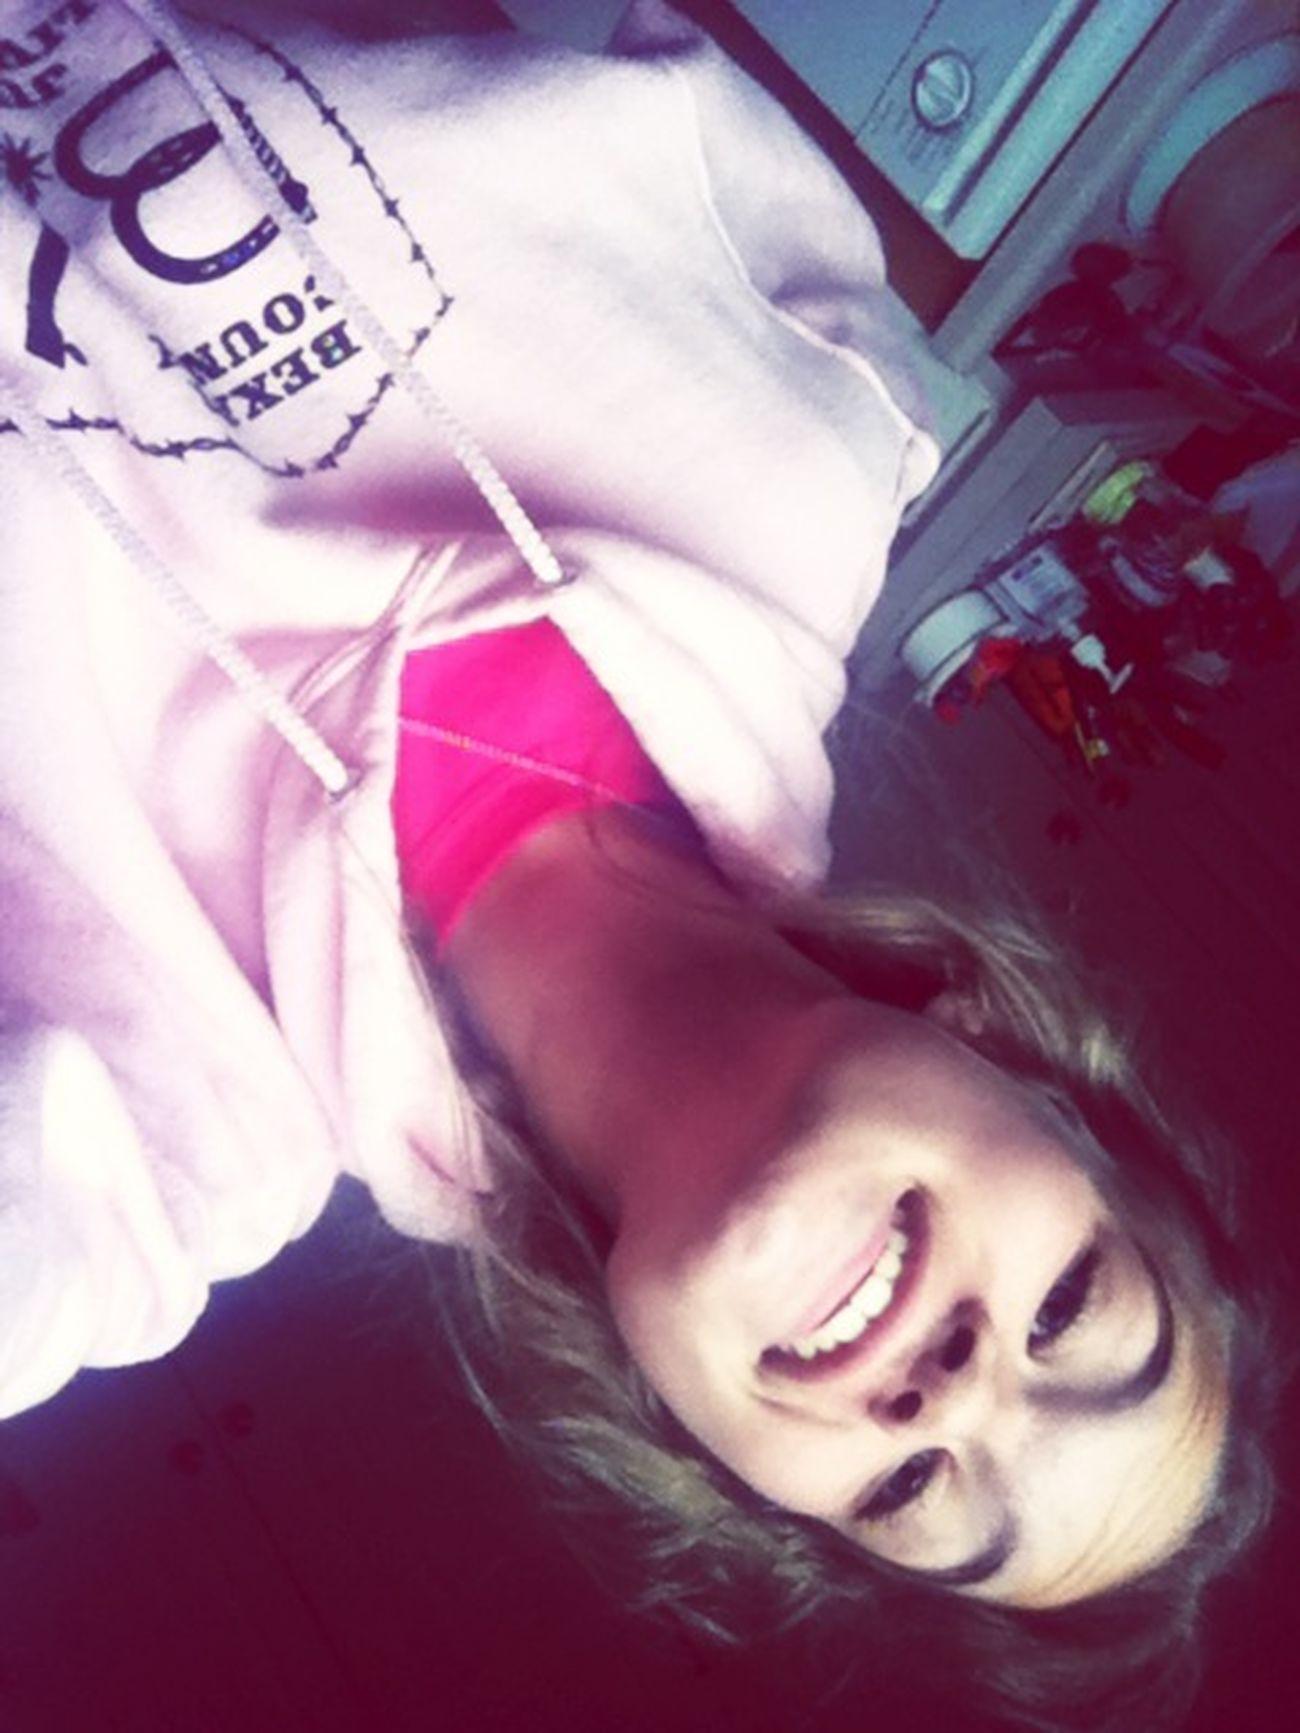 awkward selfies doeeeee.